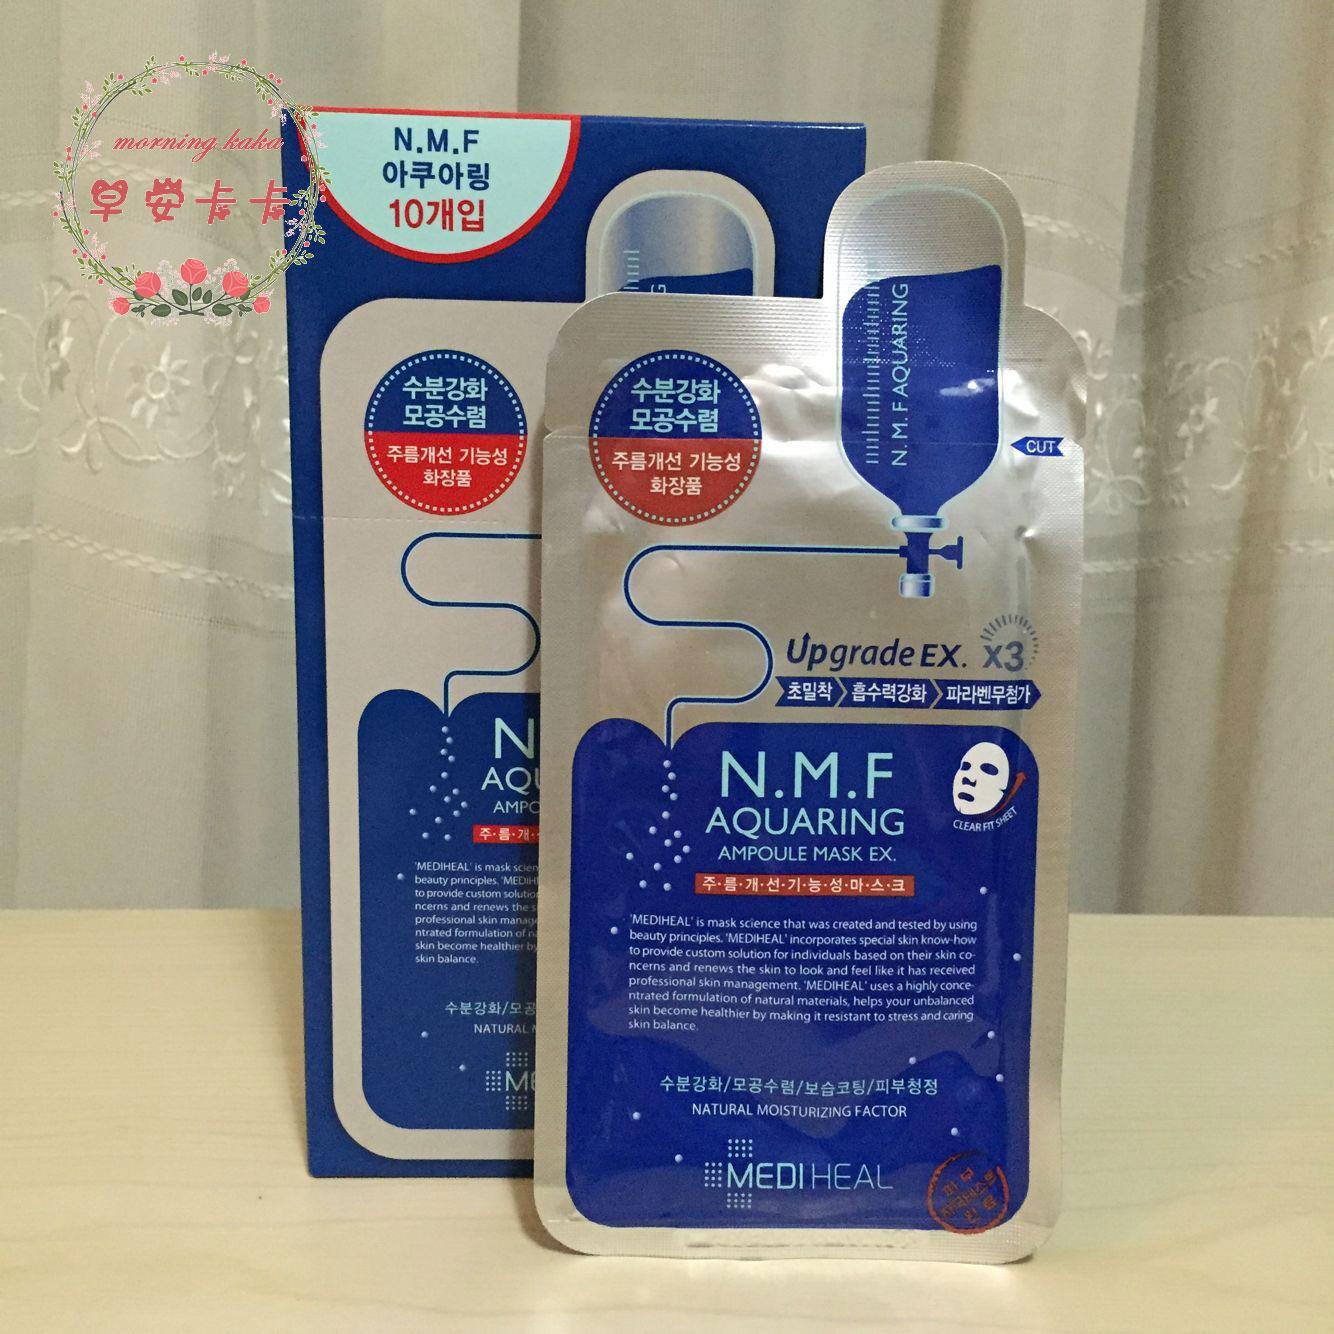 可莱丝面膜_韩国Clinie/可莱丝针剂水库面膜贴美白淡斑补水保湿睡眠10张包邮